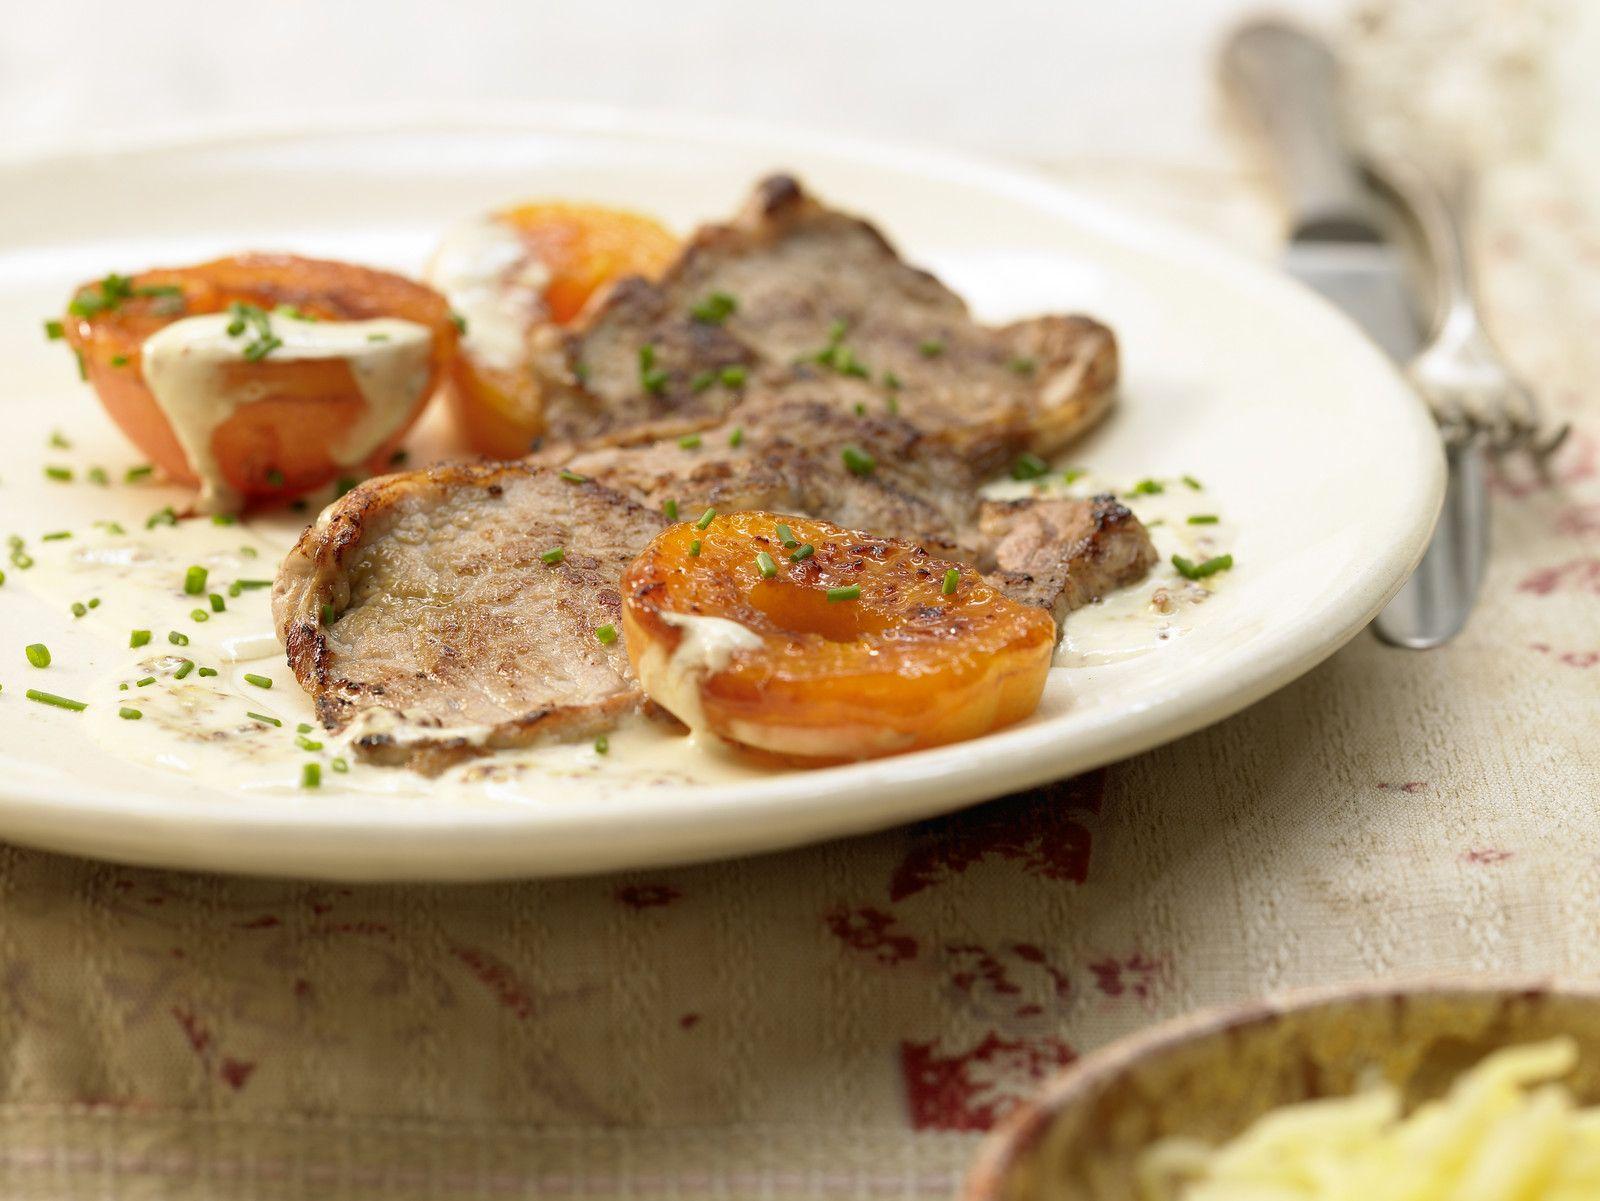 fettarme soßen zu fleisch